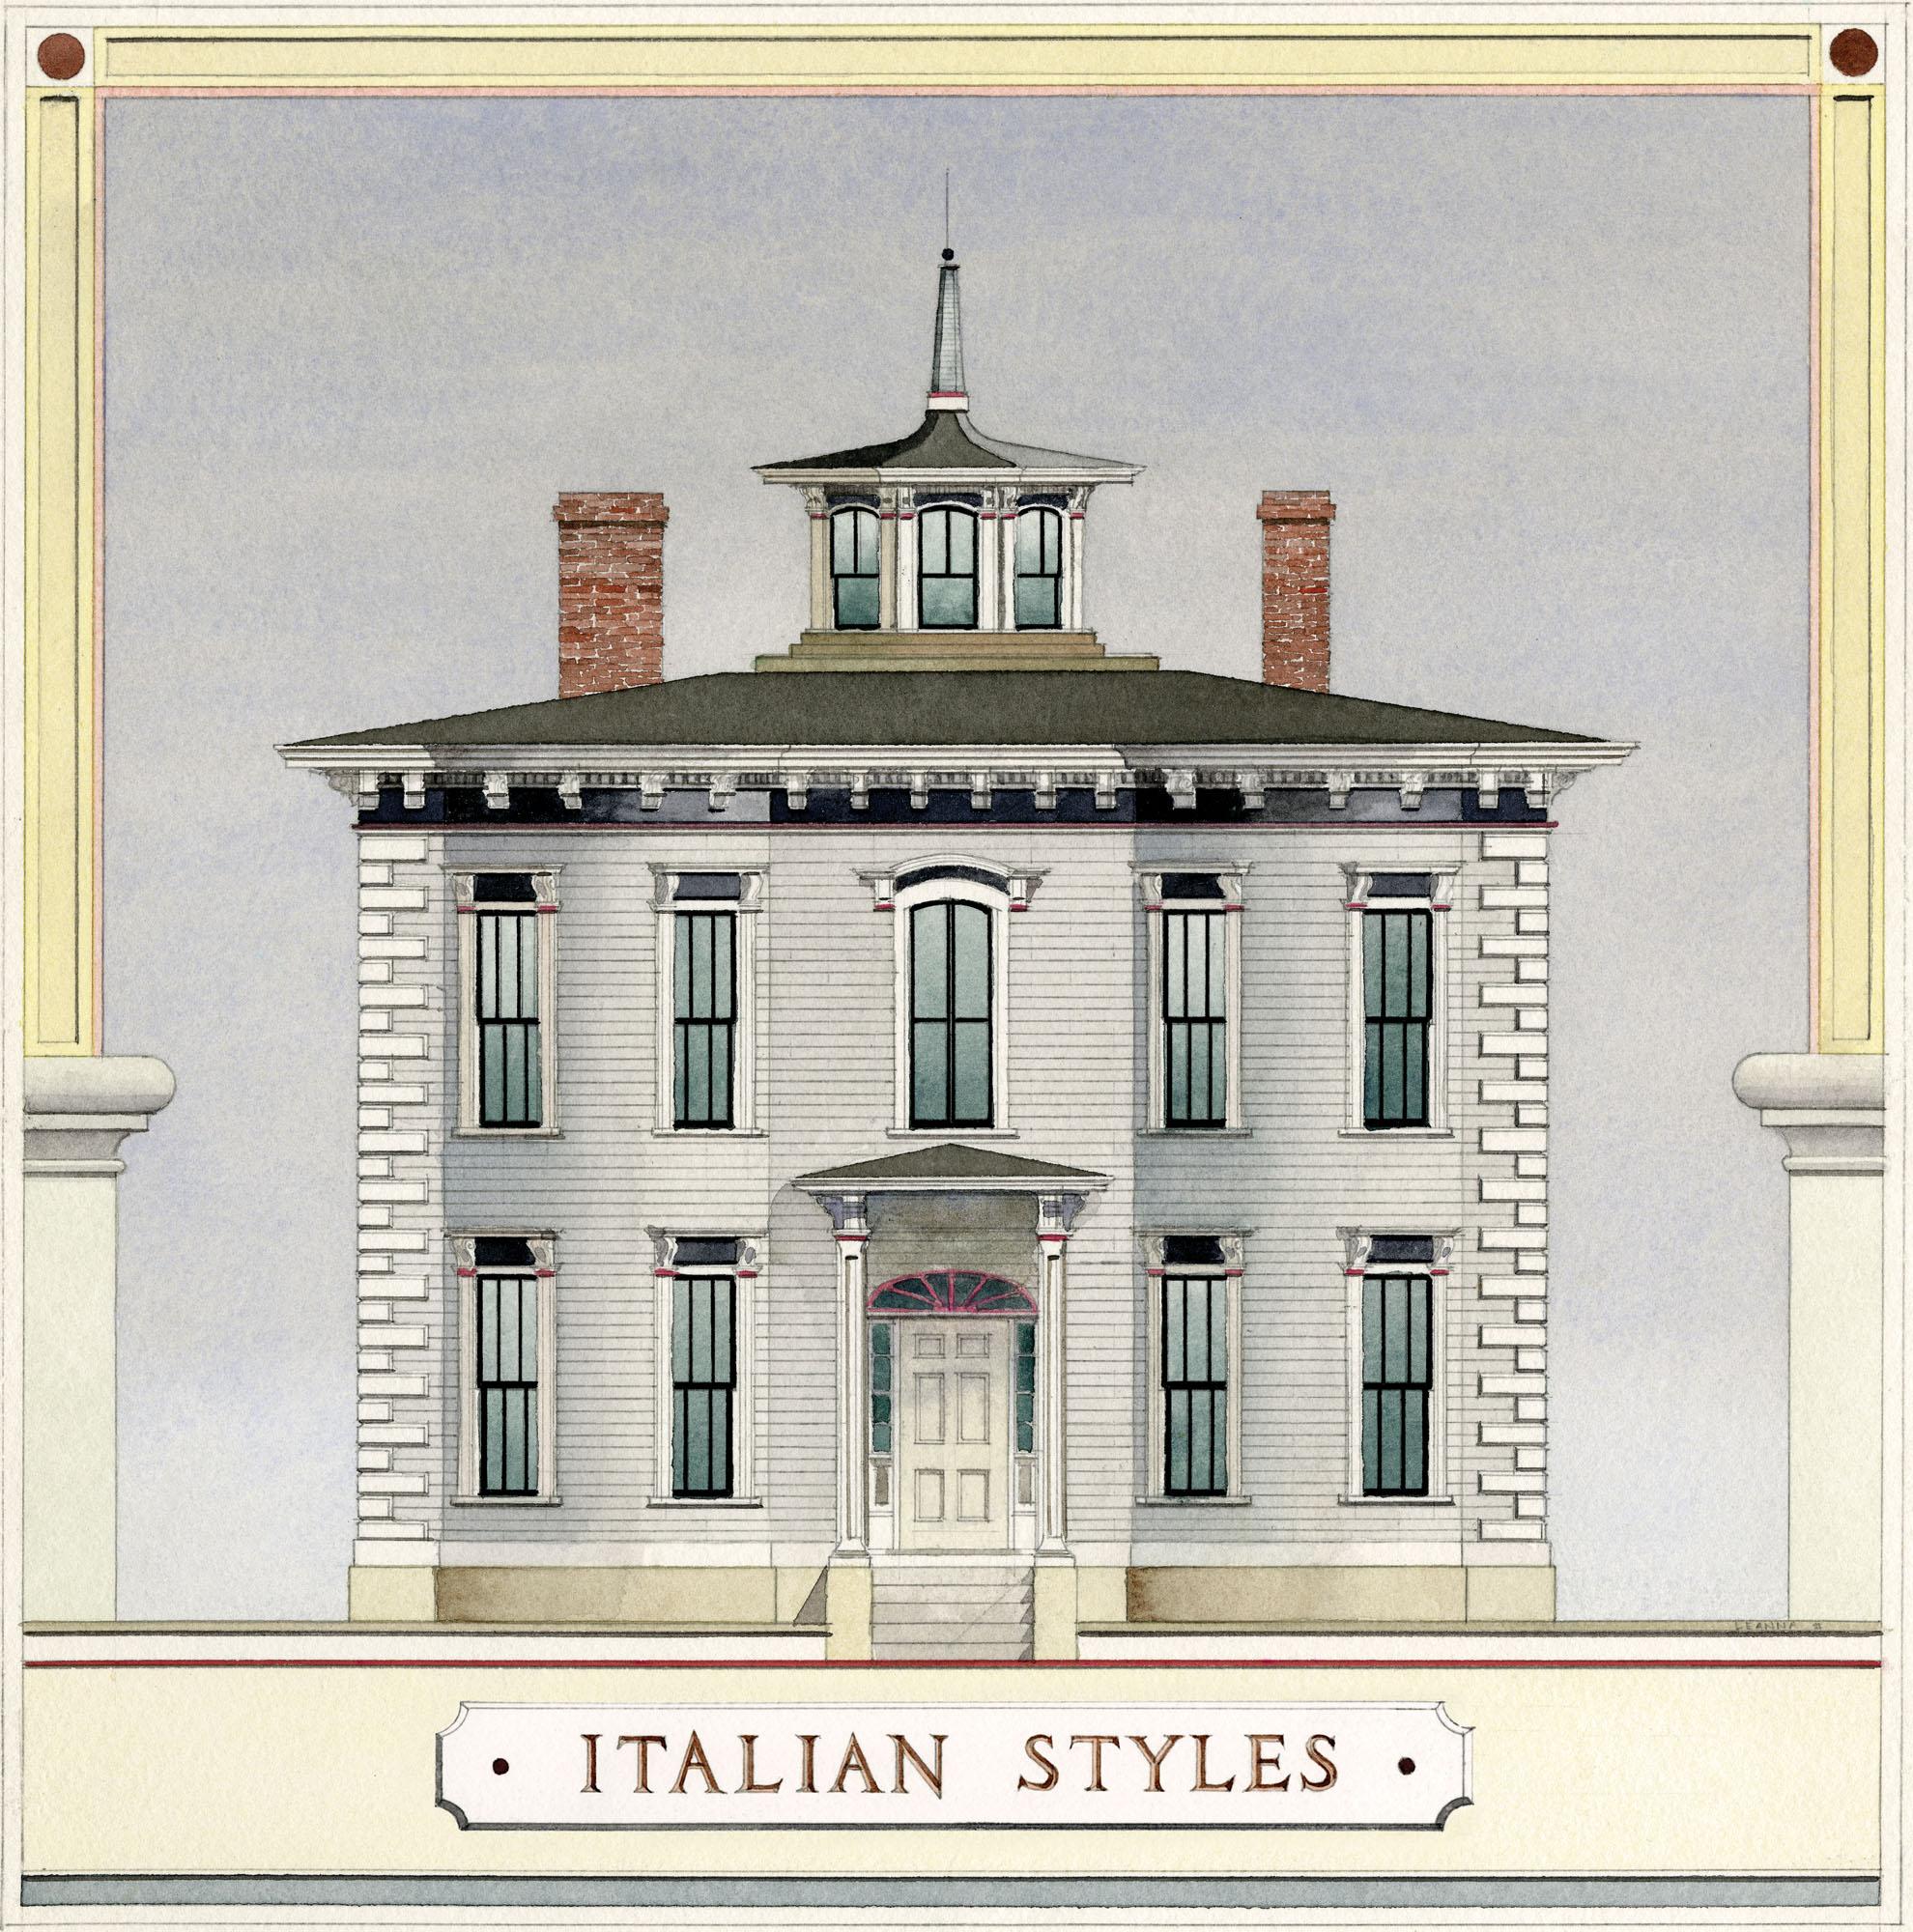 19th Century Italian Styles Old House Journal Magazine